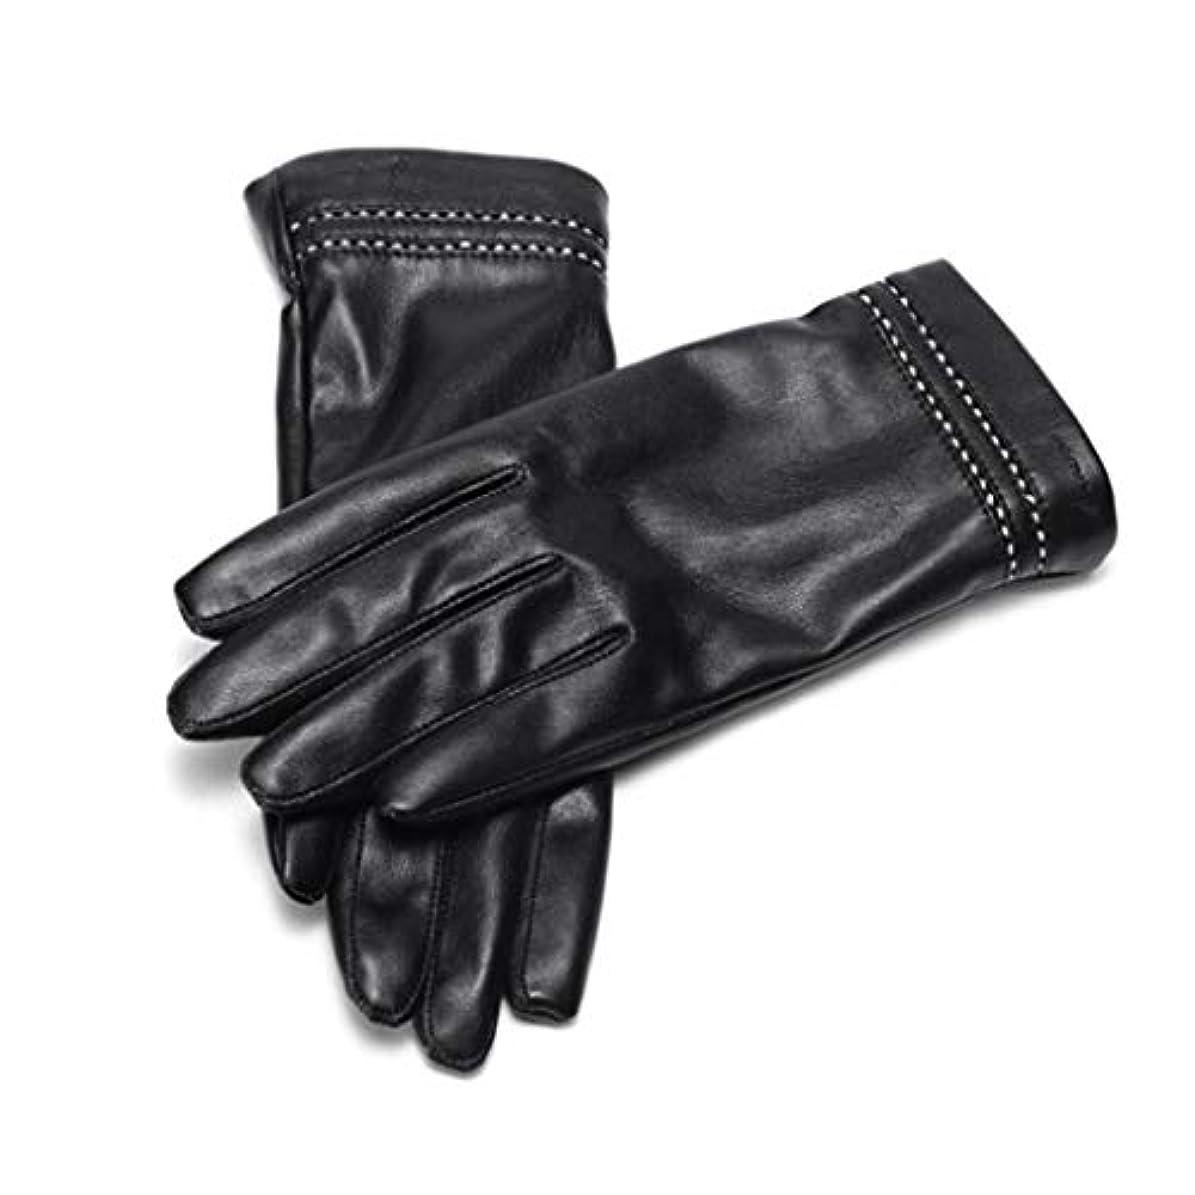 不測の事態保存する退屈女性の革手袋秋と冬のファッションプラスベルベット暖かい滑り止めのタッチスクリーン革手袋の女性671141003黒